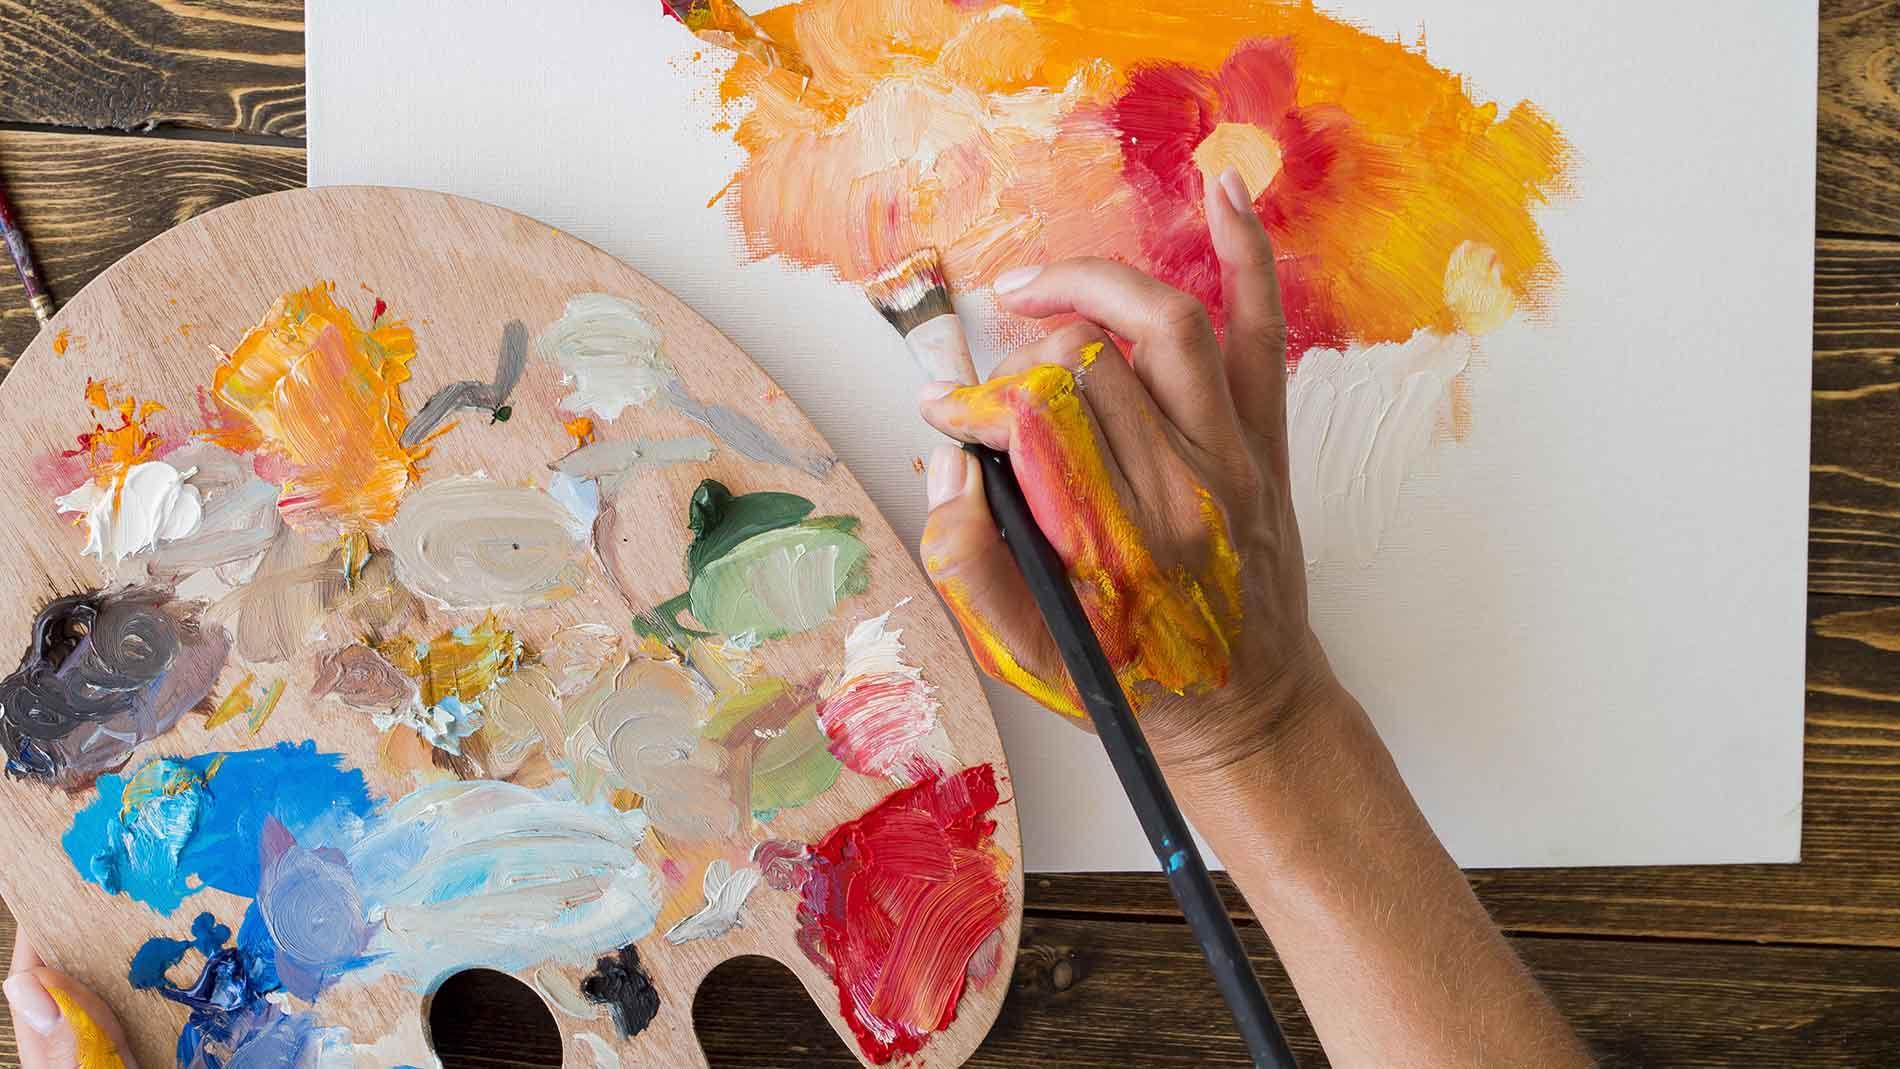 malowanie obrazu , paleta malarska